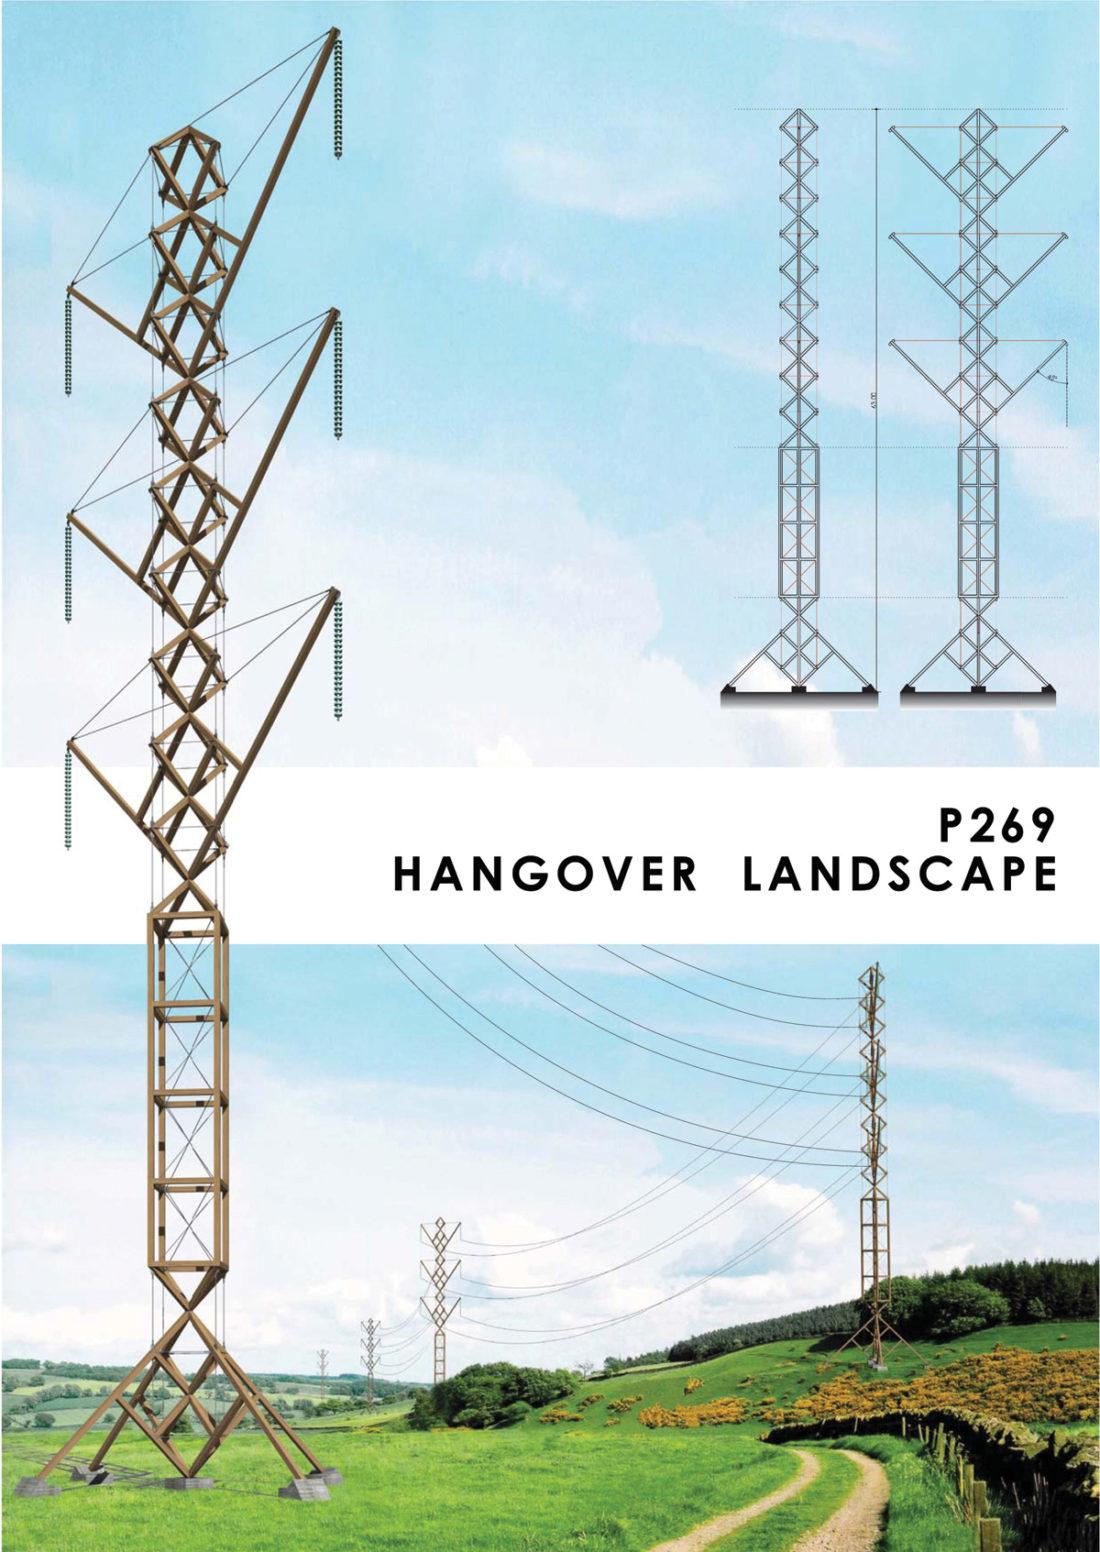 Hangover landscape pylon